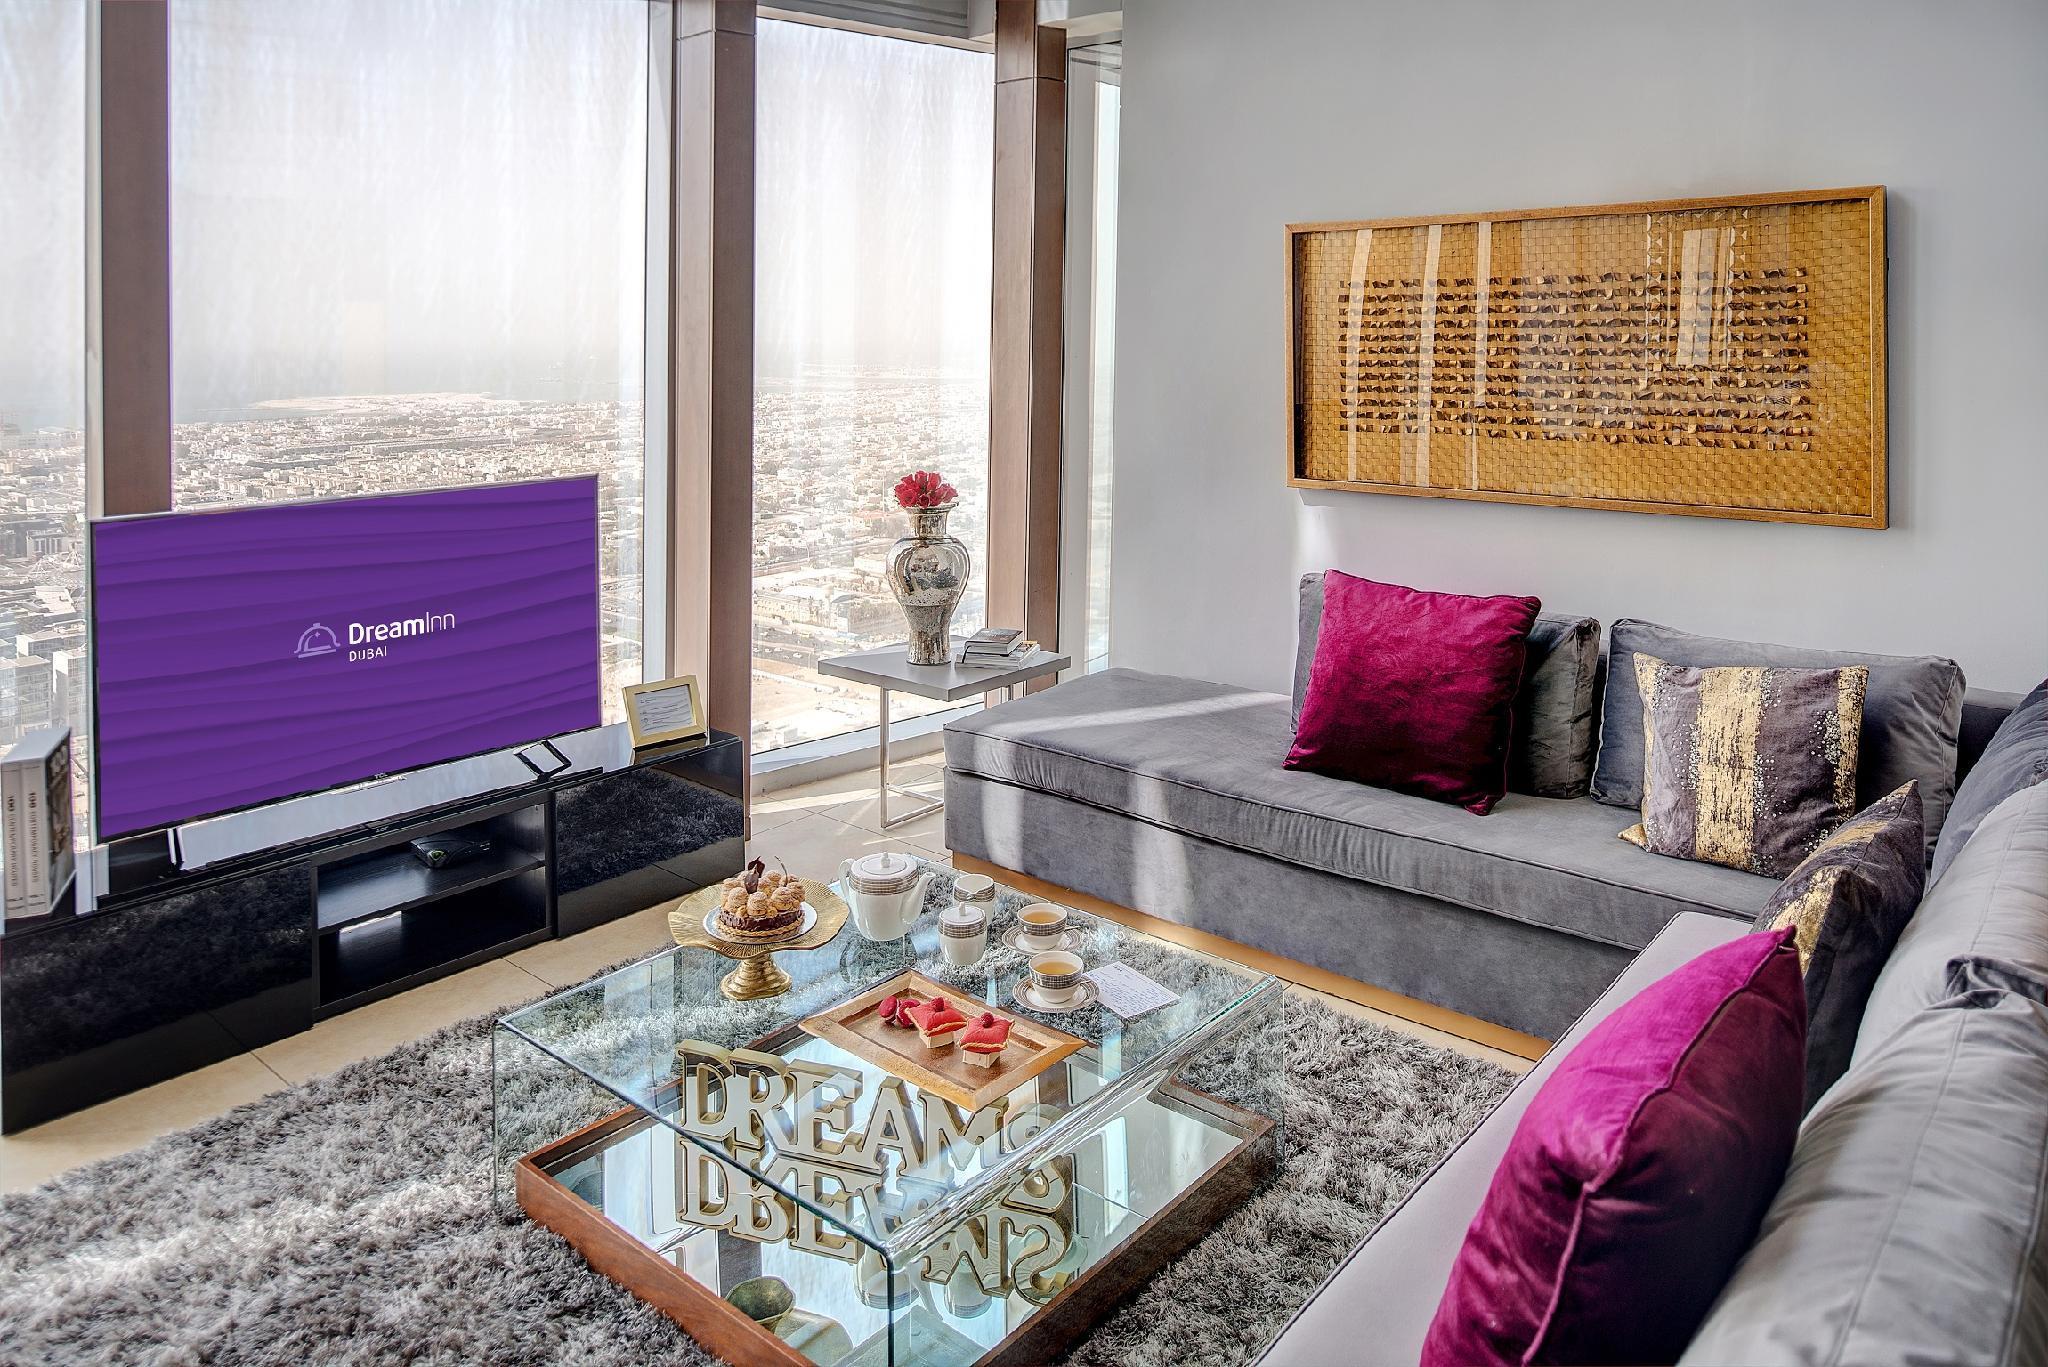 Dream Inn – 48 Burj Gate 5BR Duplex Apartment – Dubai 1